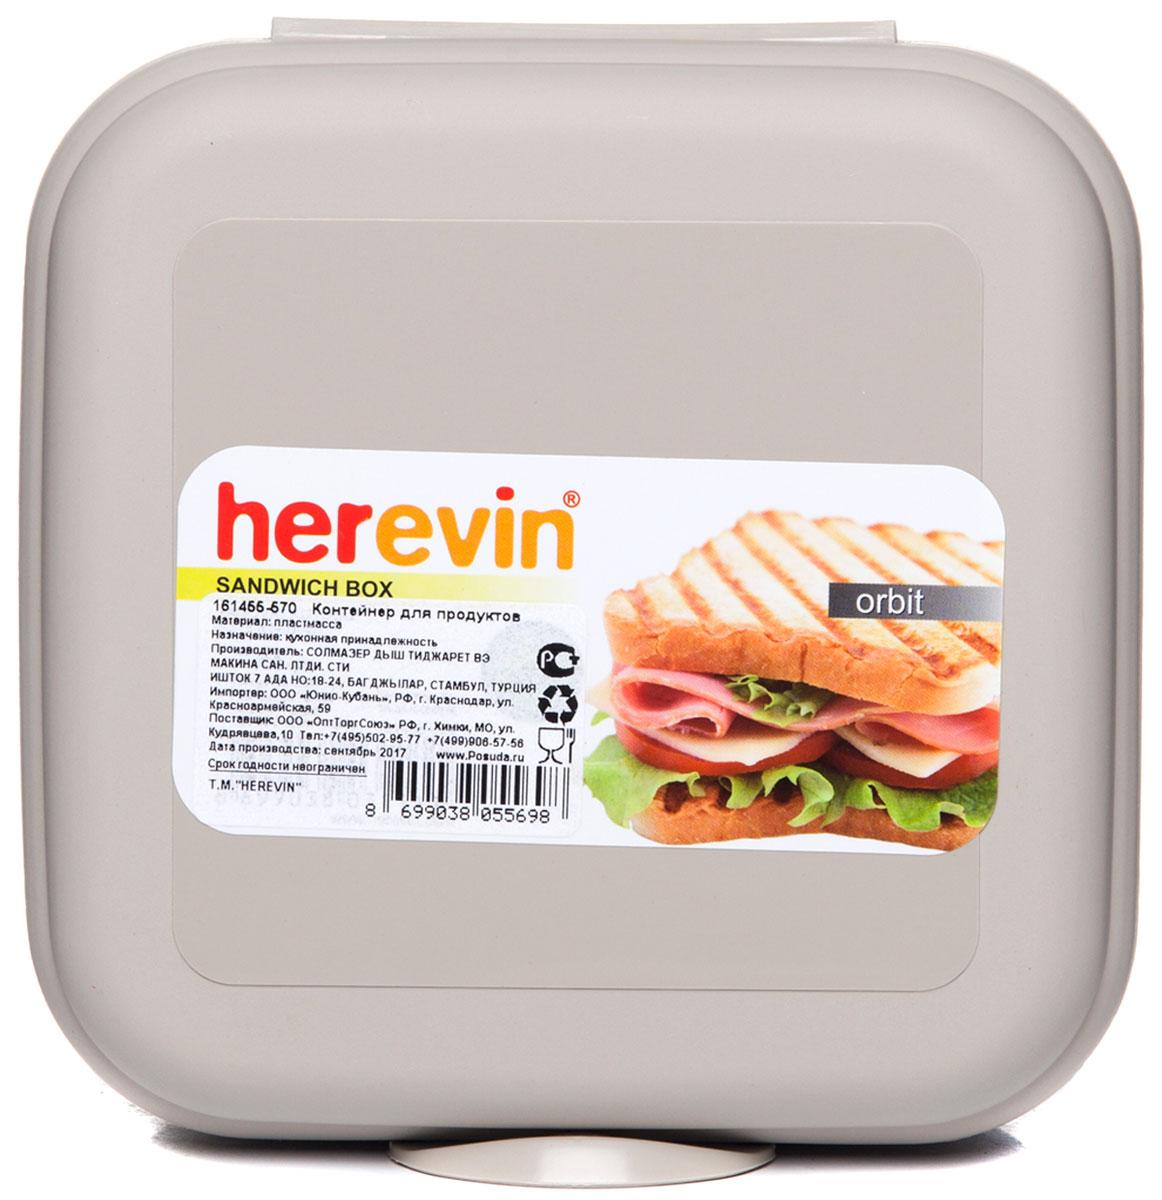 Контейнер для продуктов Herevin, 14 х 14 х 5 см контейнер для продуктов phibo smart system 2 секции с клапаном 25 см х 16 см х 16 5 см